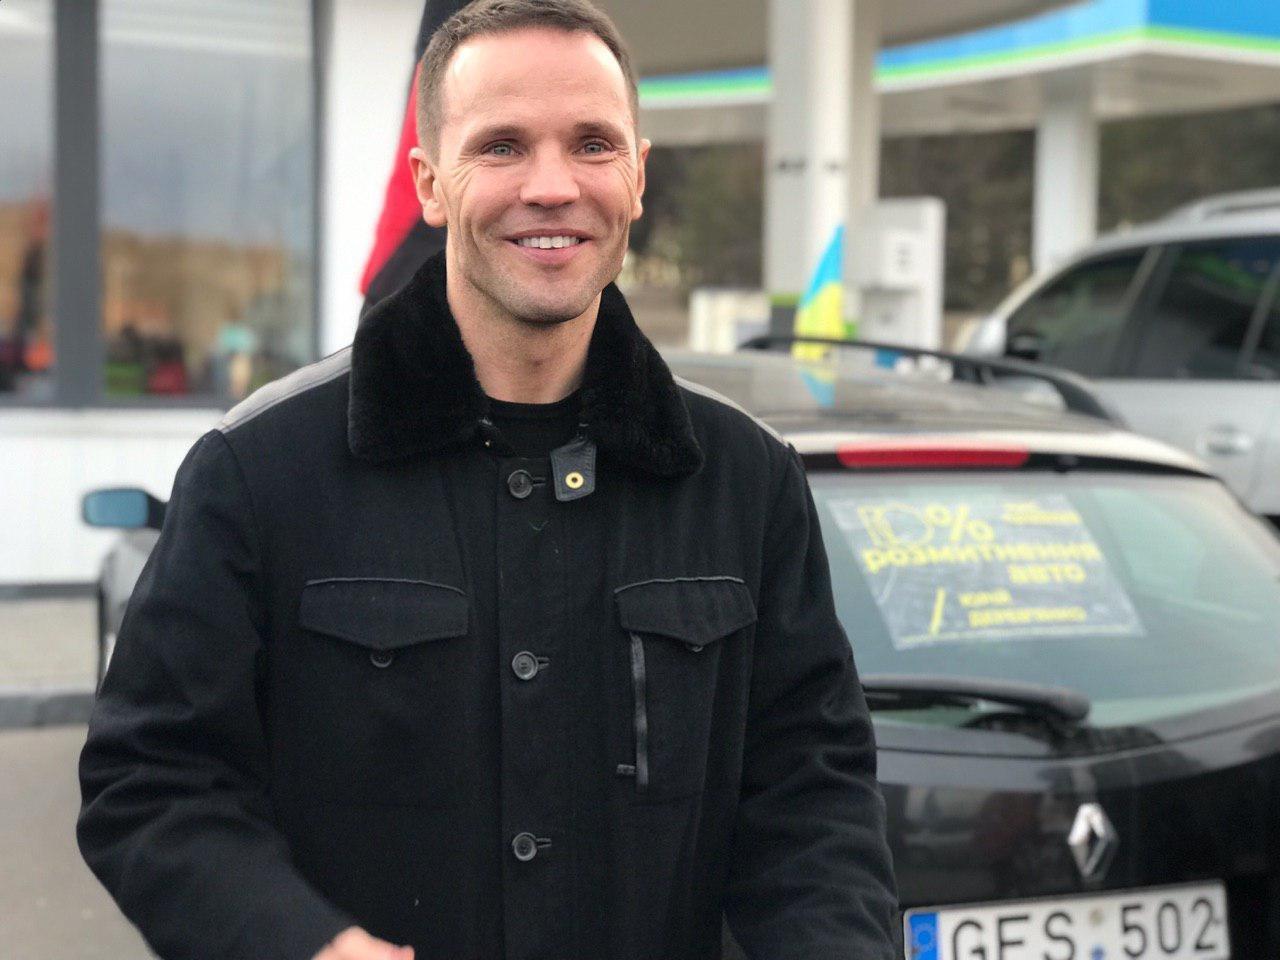 Юрій Дерев'янко взяв участь в автопробігу за доступні авто в Кременчуці (ФОТО, ВІДЕО), фото-1